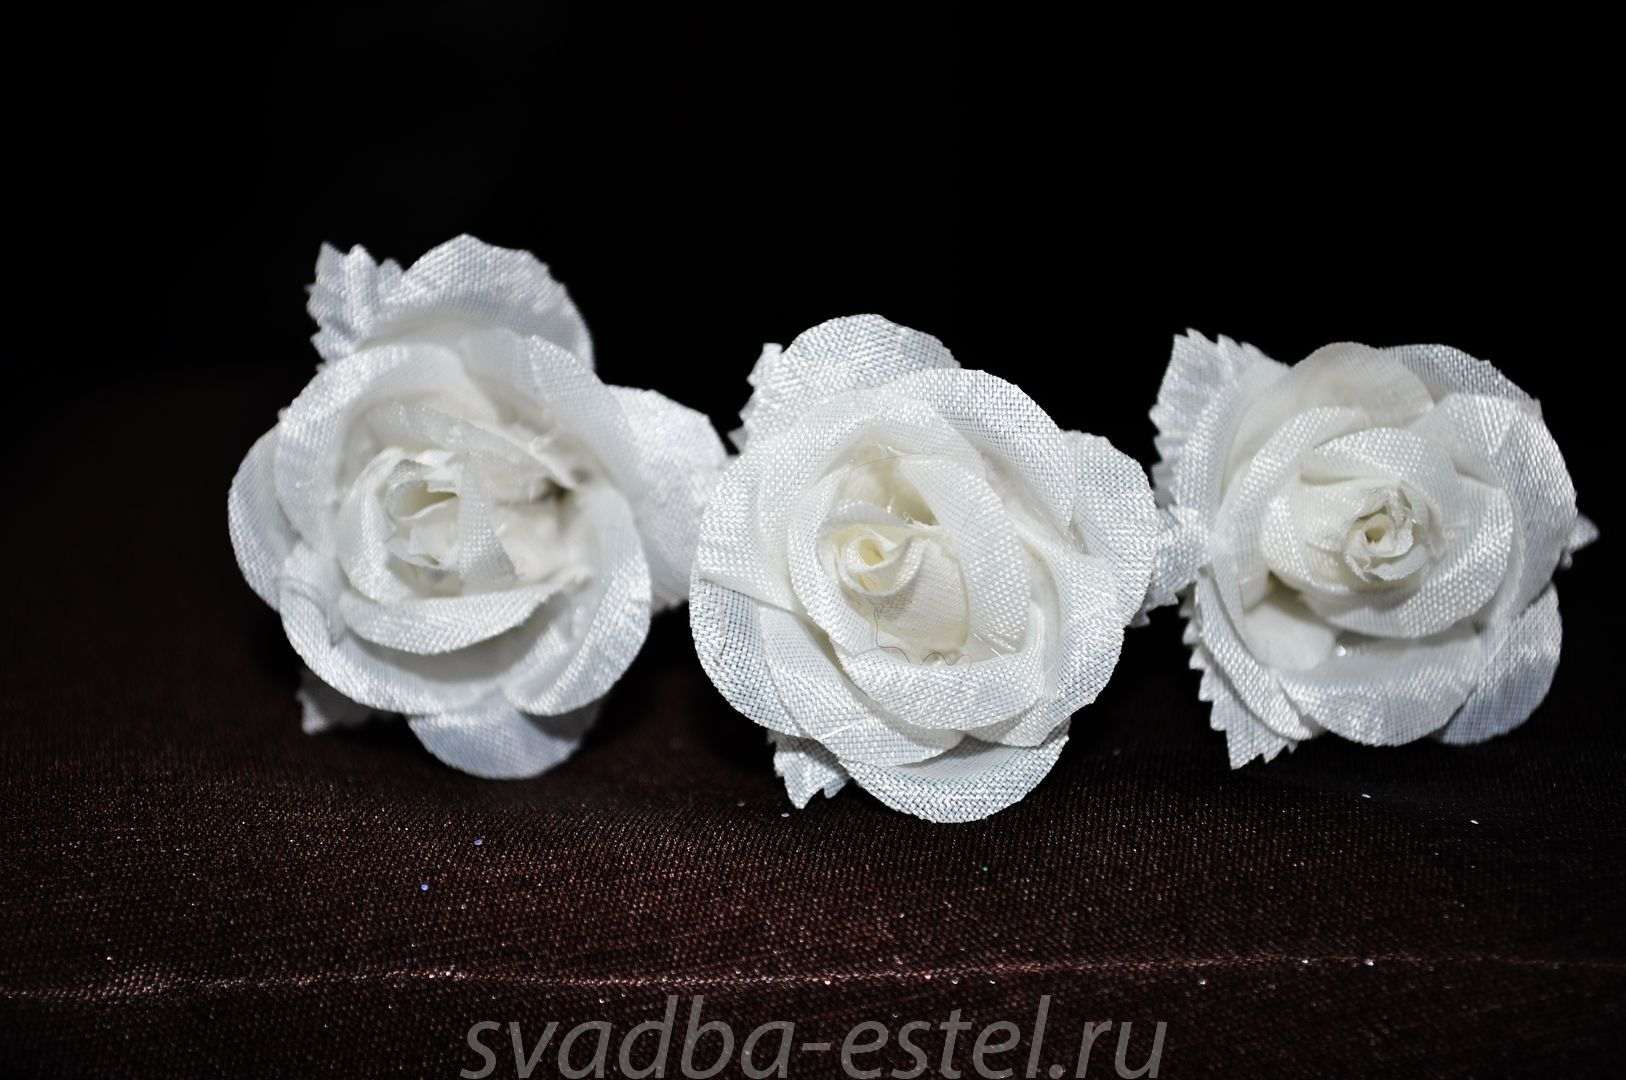 Свадебные цветы тропиканы на липучке купить — 10